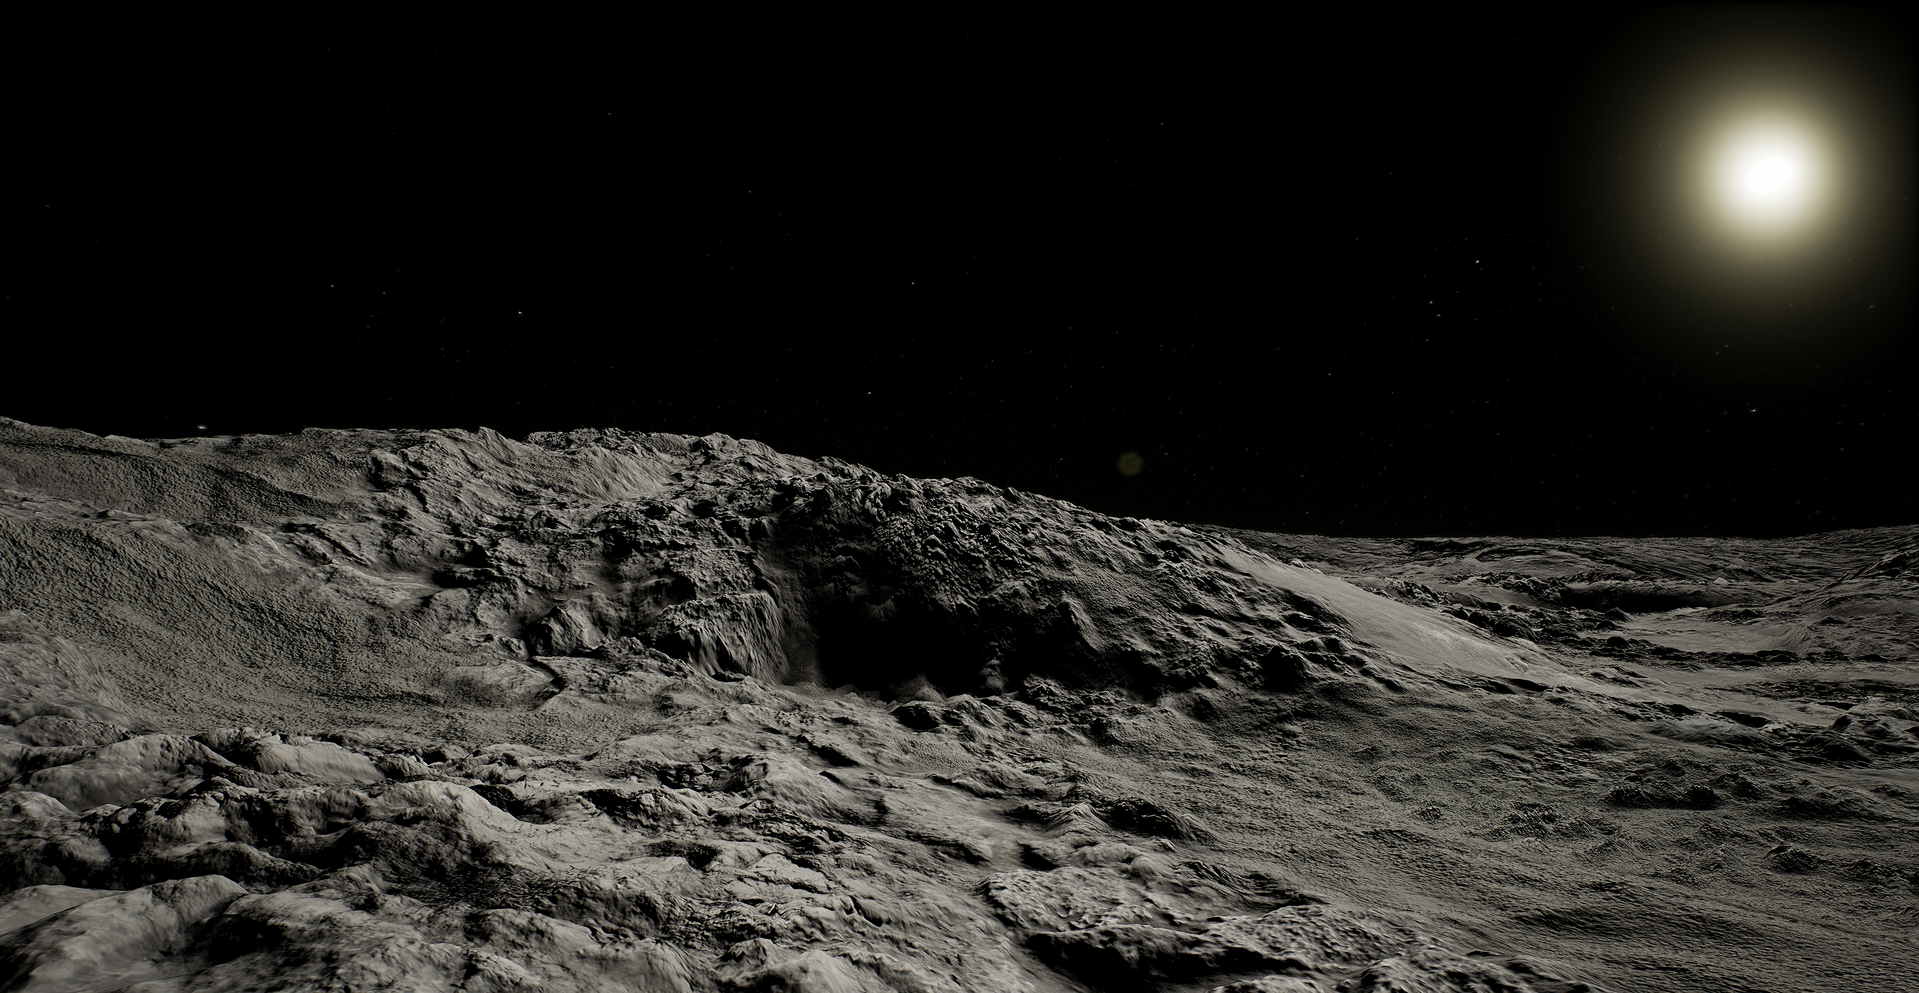 Исследование: на Луне наблюдается геологическая активность